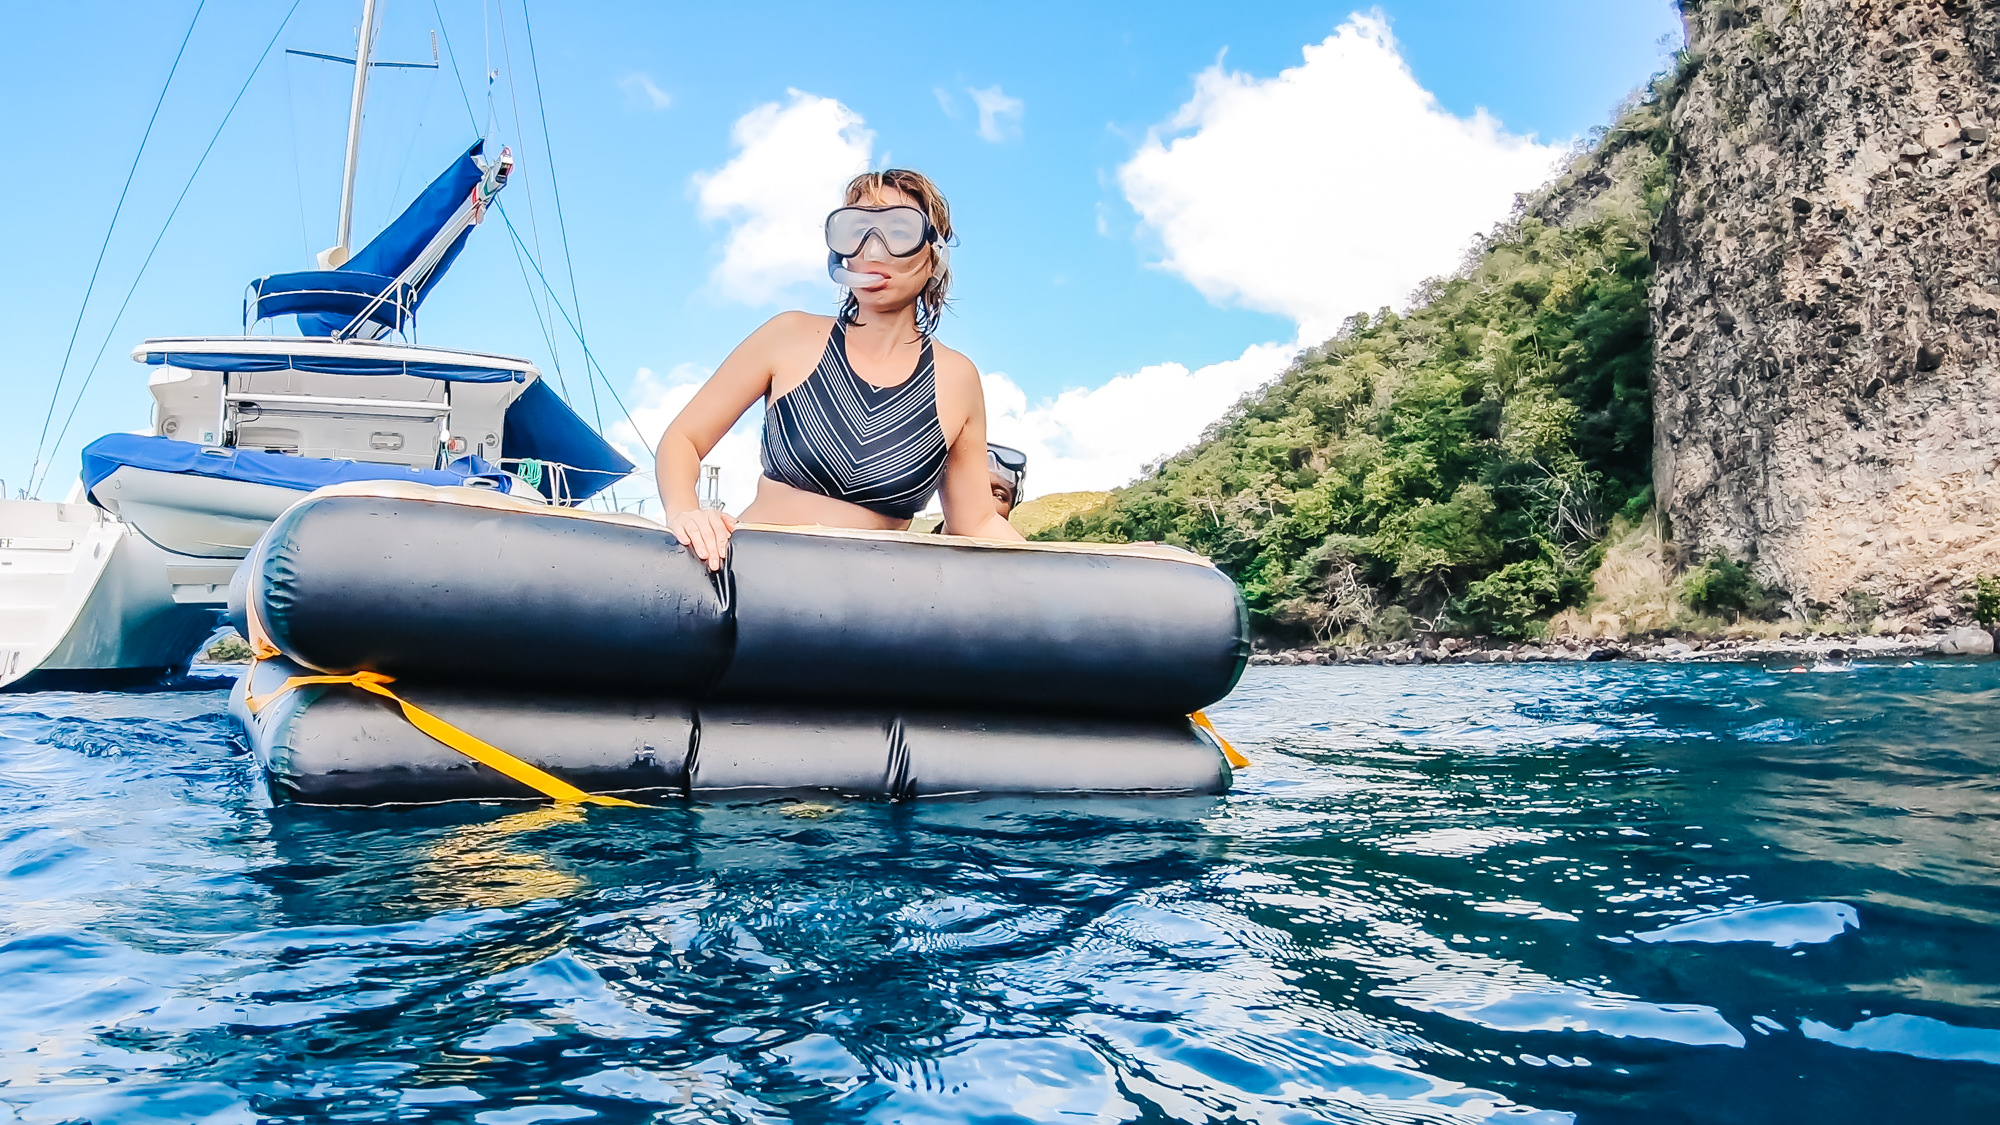 Taking a little break from snorkeling